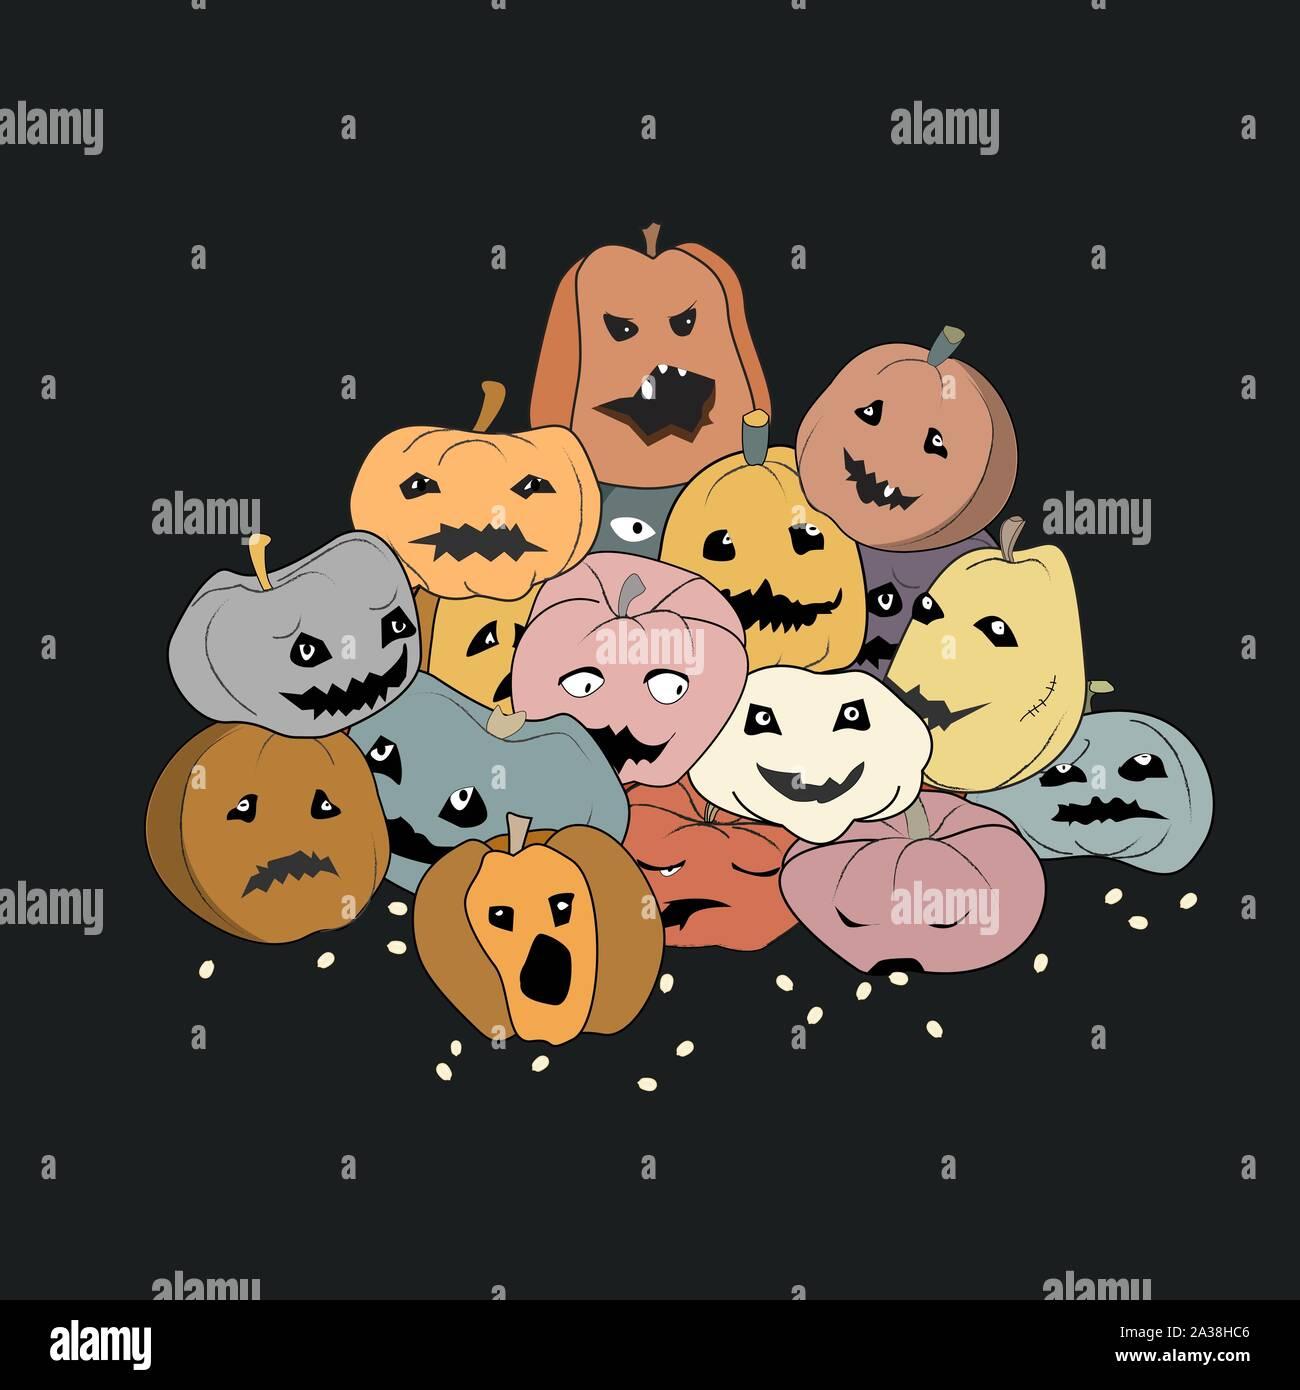 Halloween ilustración vectorial del montón de calabazas talladas con ojos y sonríe con cara differrent expresiones. Diseño plano para halloween Ilustración del Vector